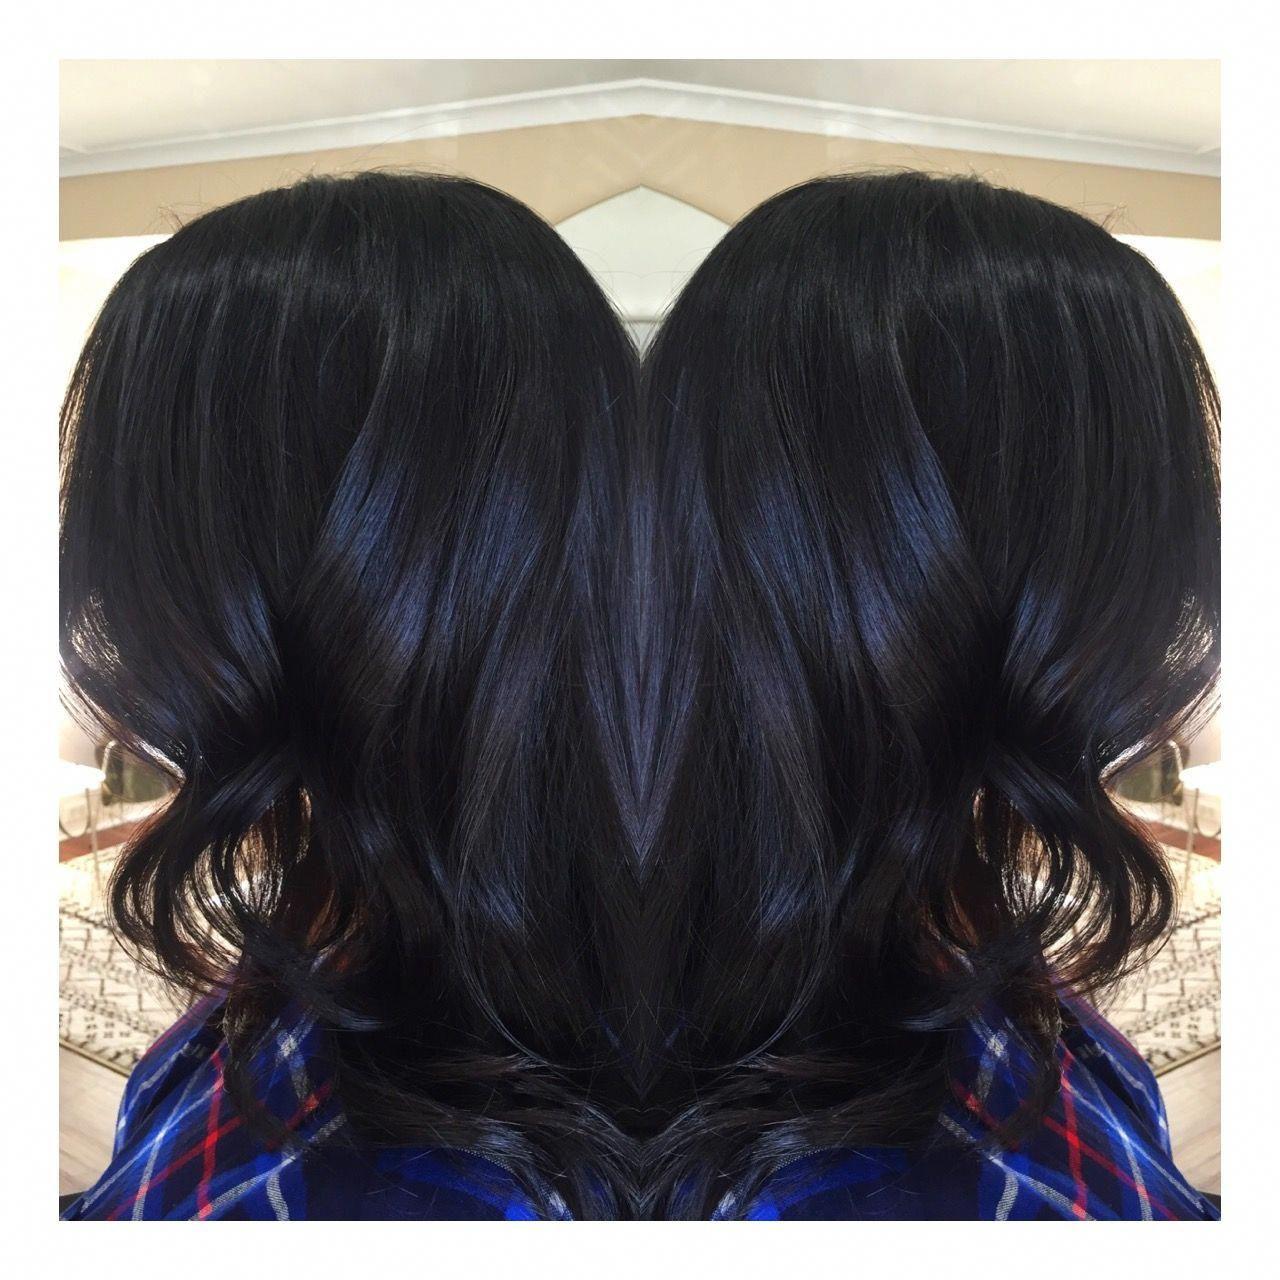 Darkest brown black Victoria's Secret inspired haircolor Kim Kardashian Color se…